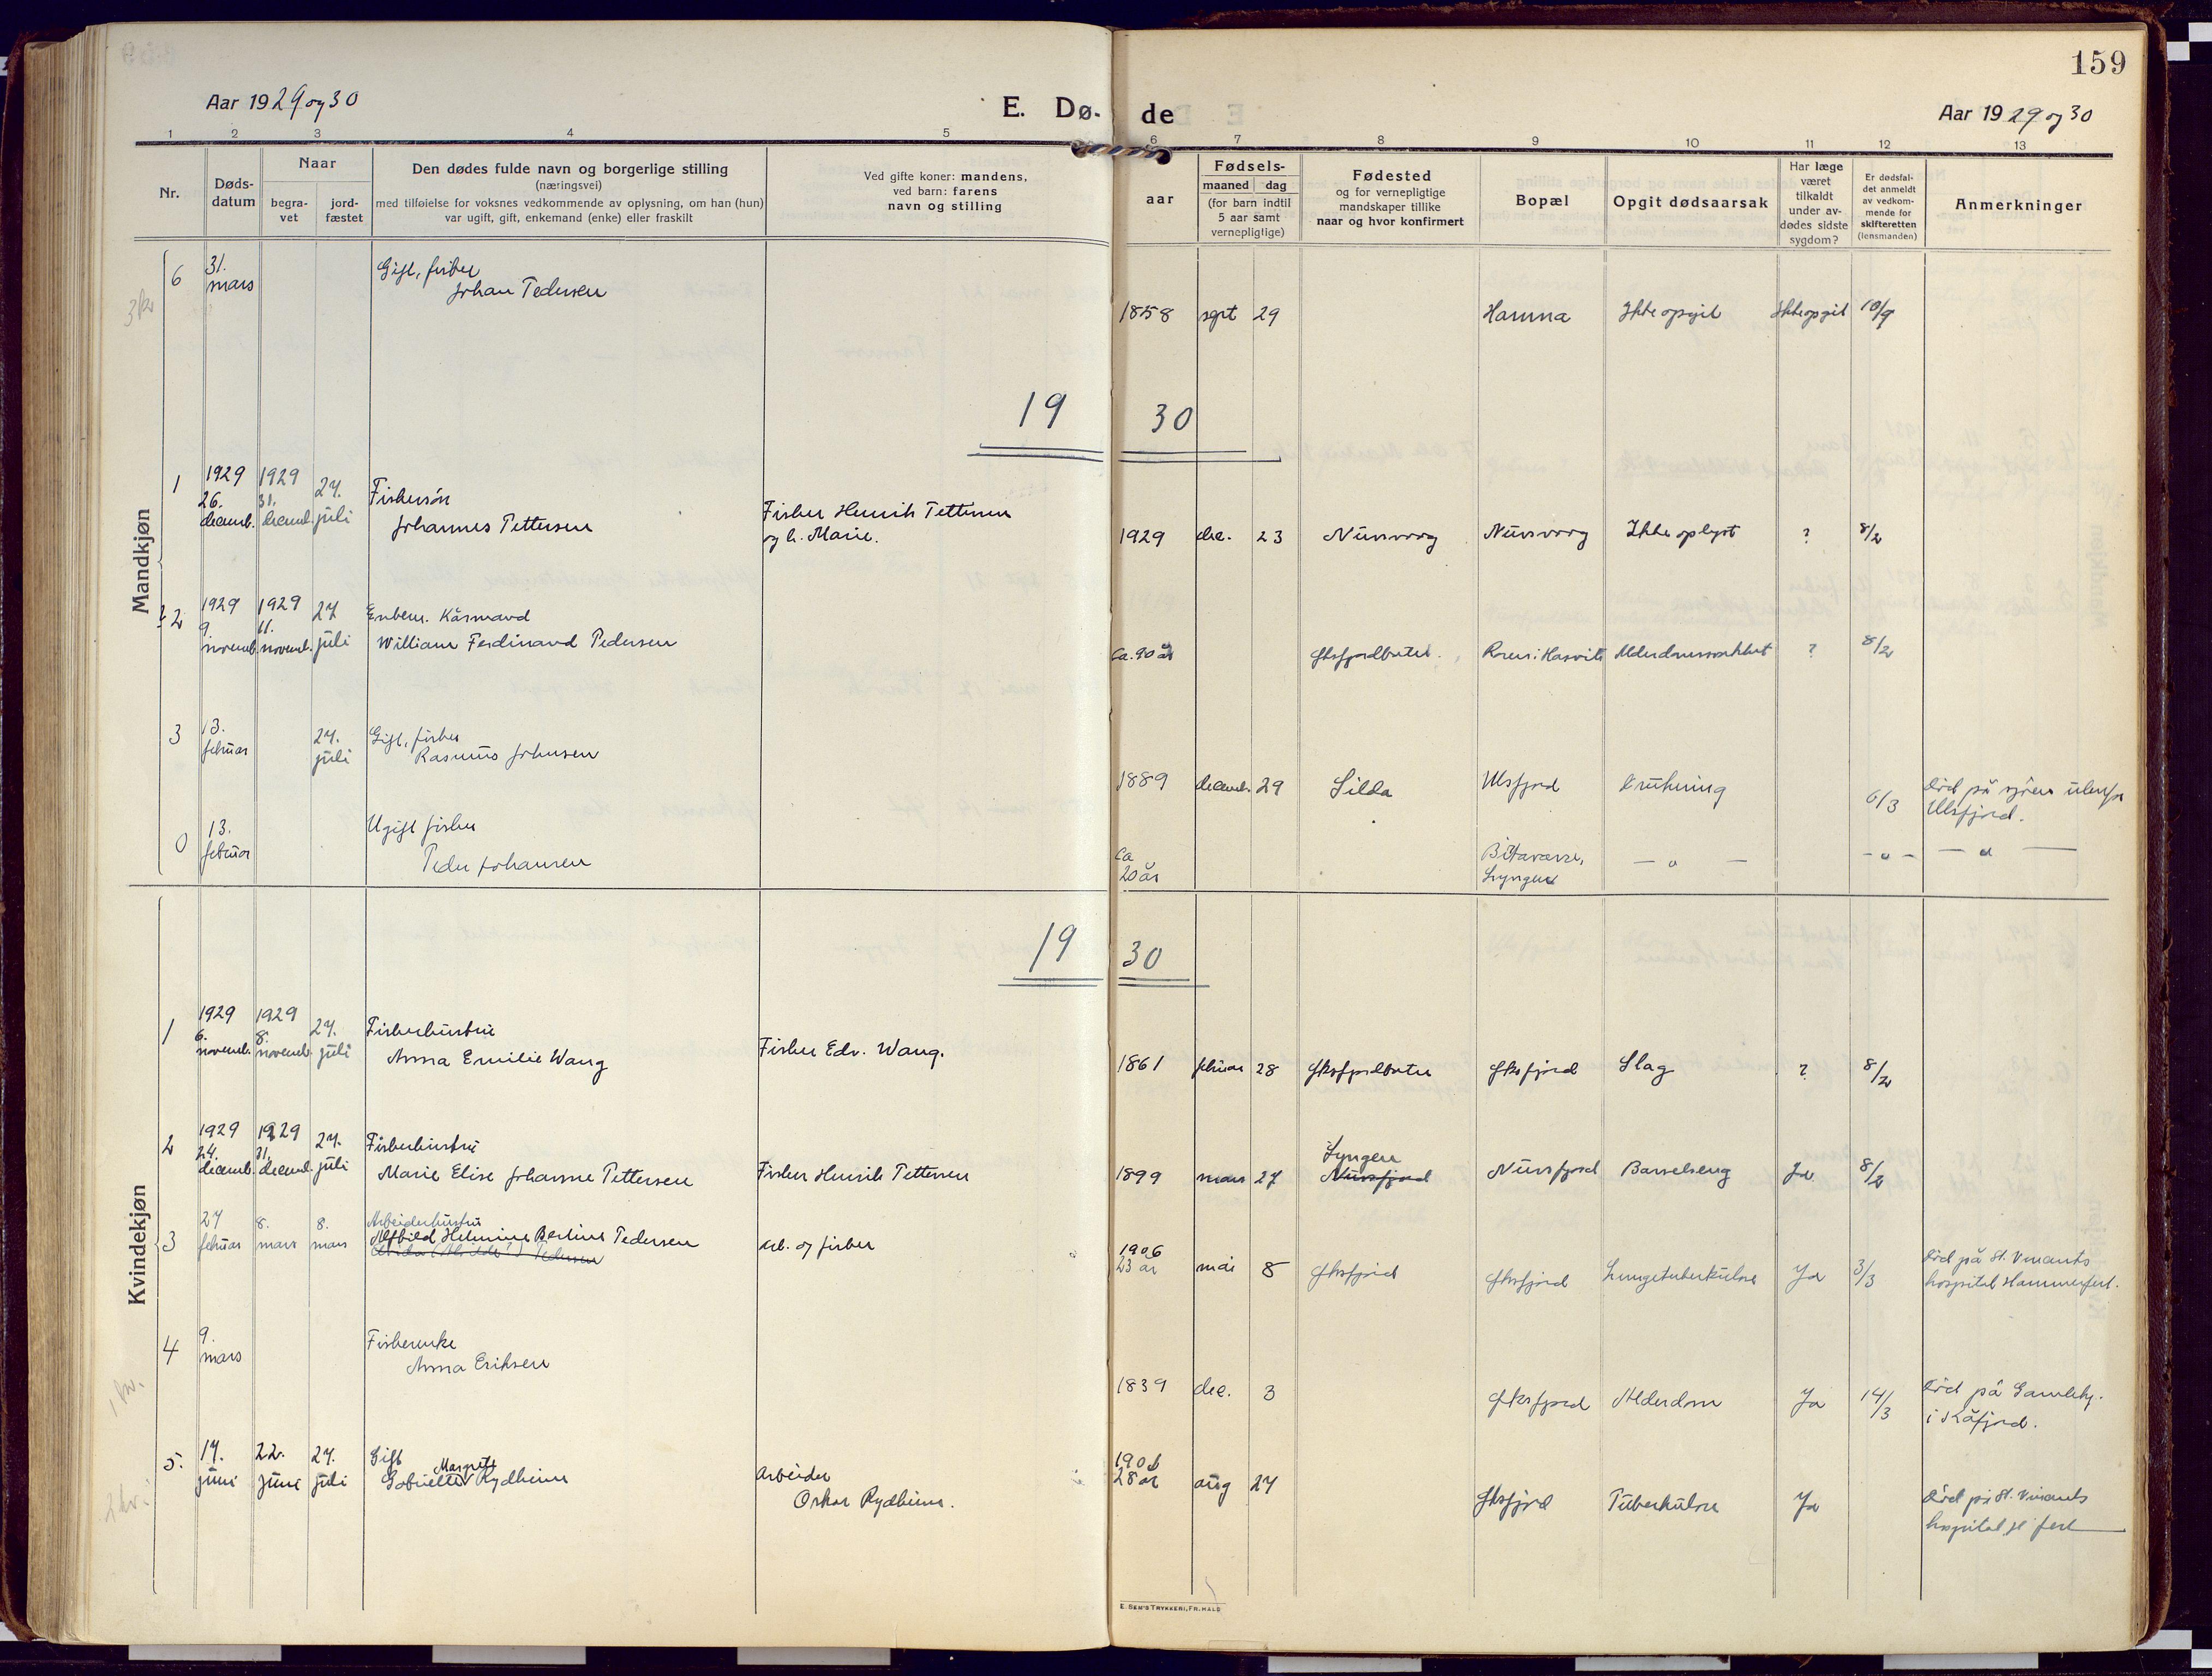 SATØ, Loppa sokneprestkontor, H/Ha/L0012kirke: Ministerialbok nr. 12, 1917-1932, s. 159